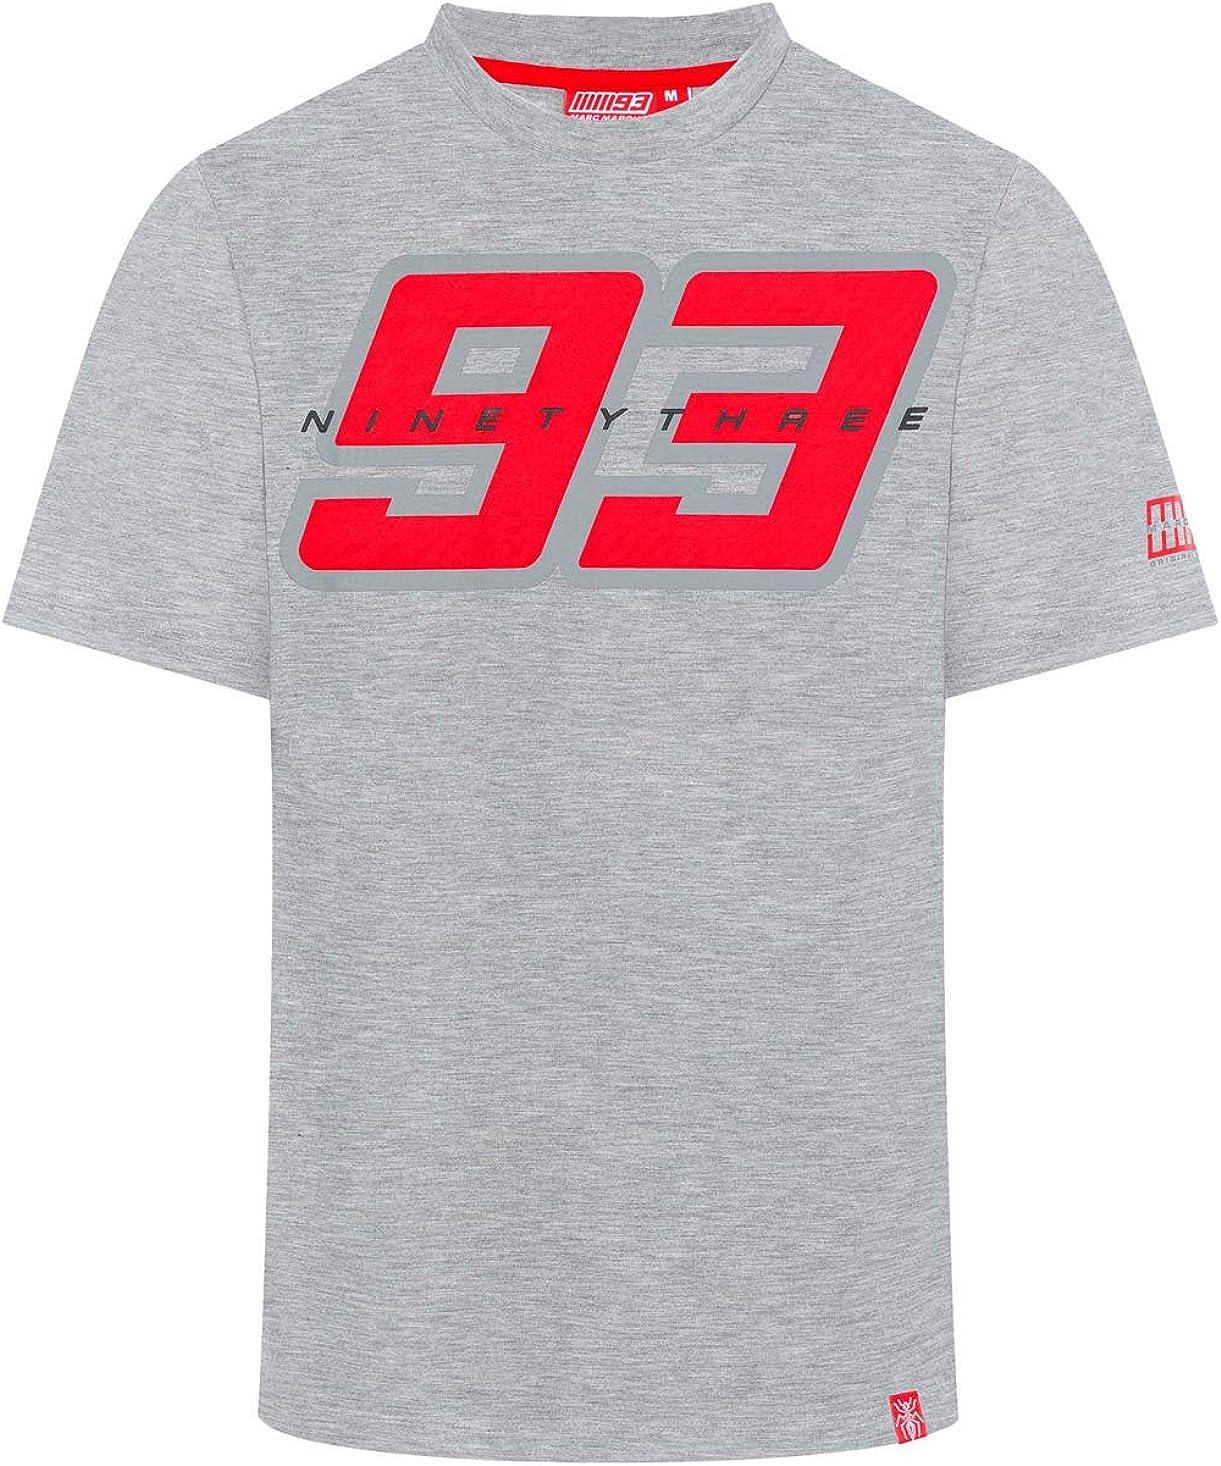 M&Ms Camiseta Marc Marquez - Hormiga Big 93: Amazon.es: Ropa y ...